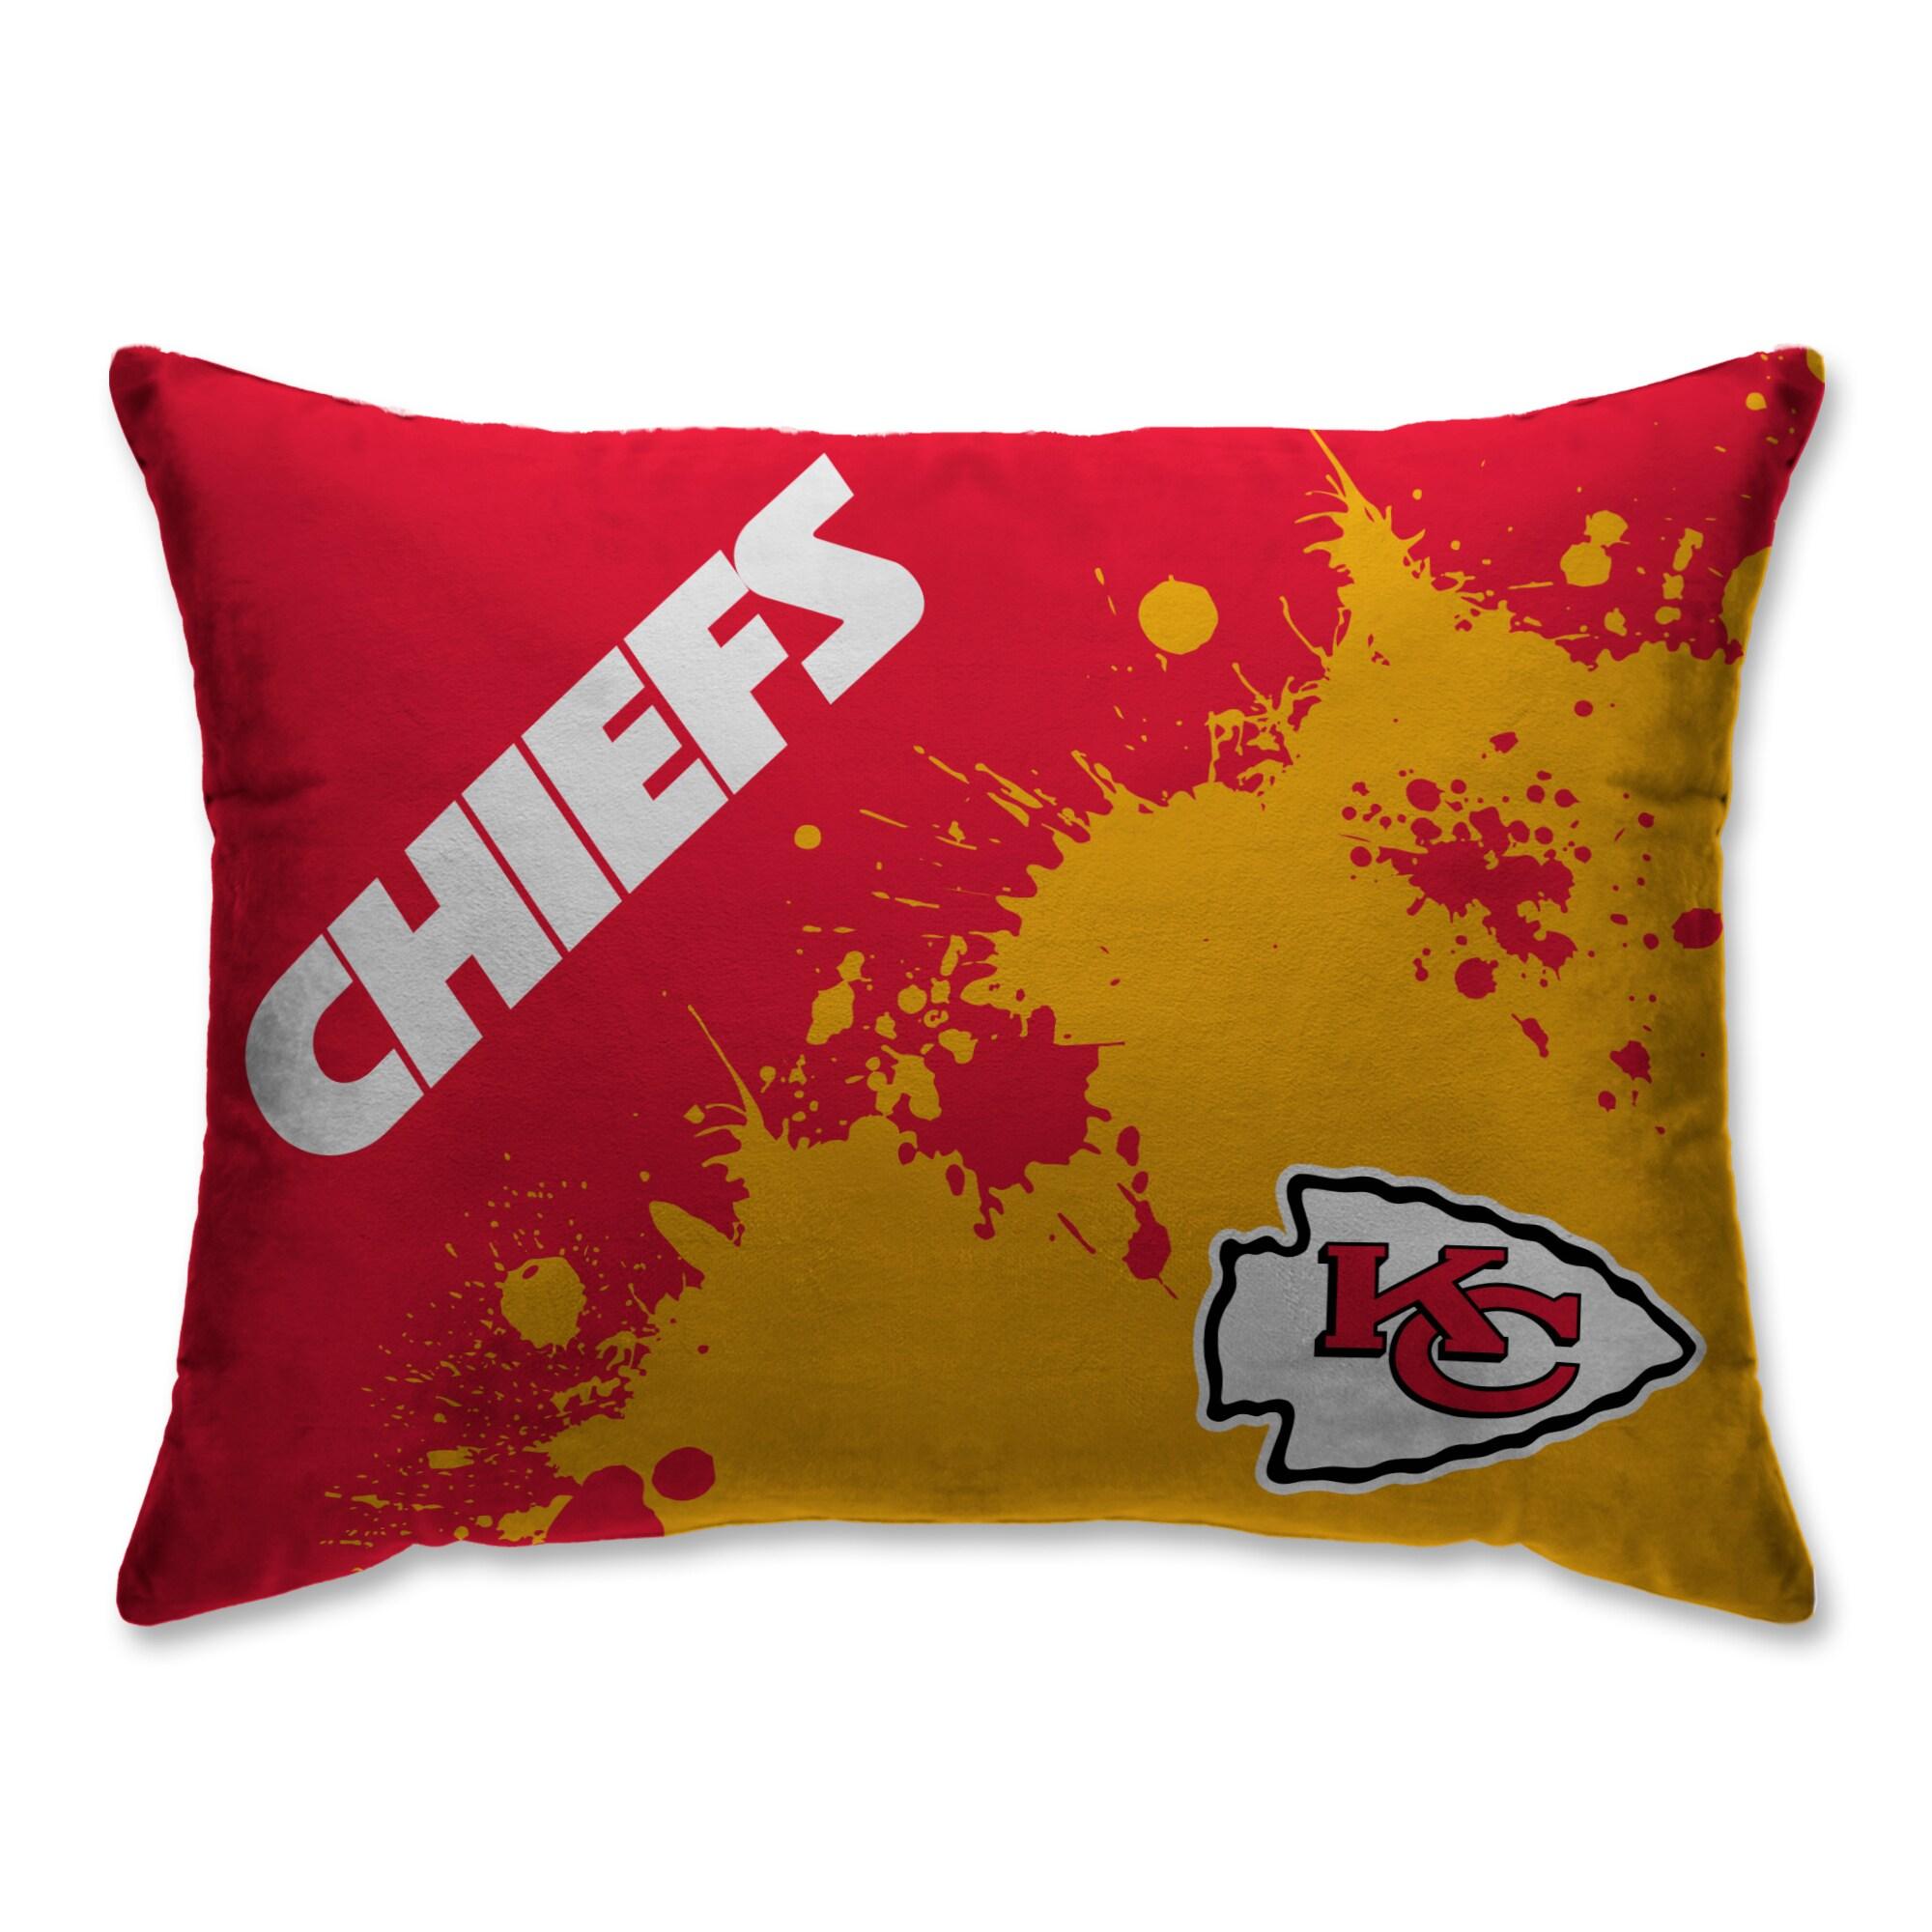 Kansas City Chiefs Splatter Plush Bed Pillow - Red